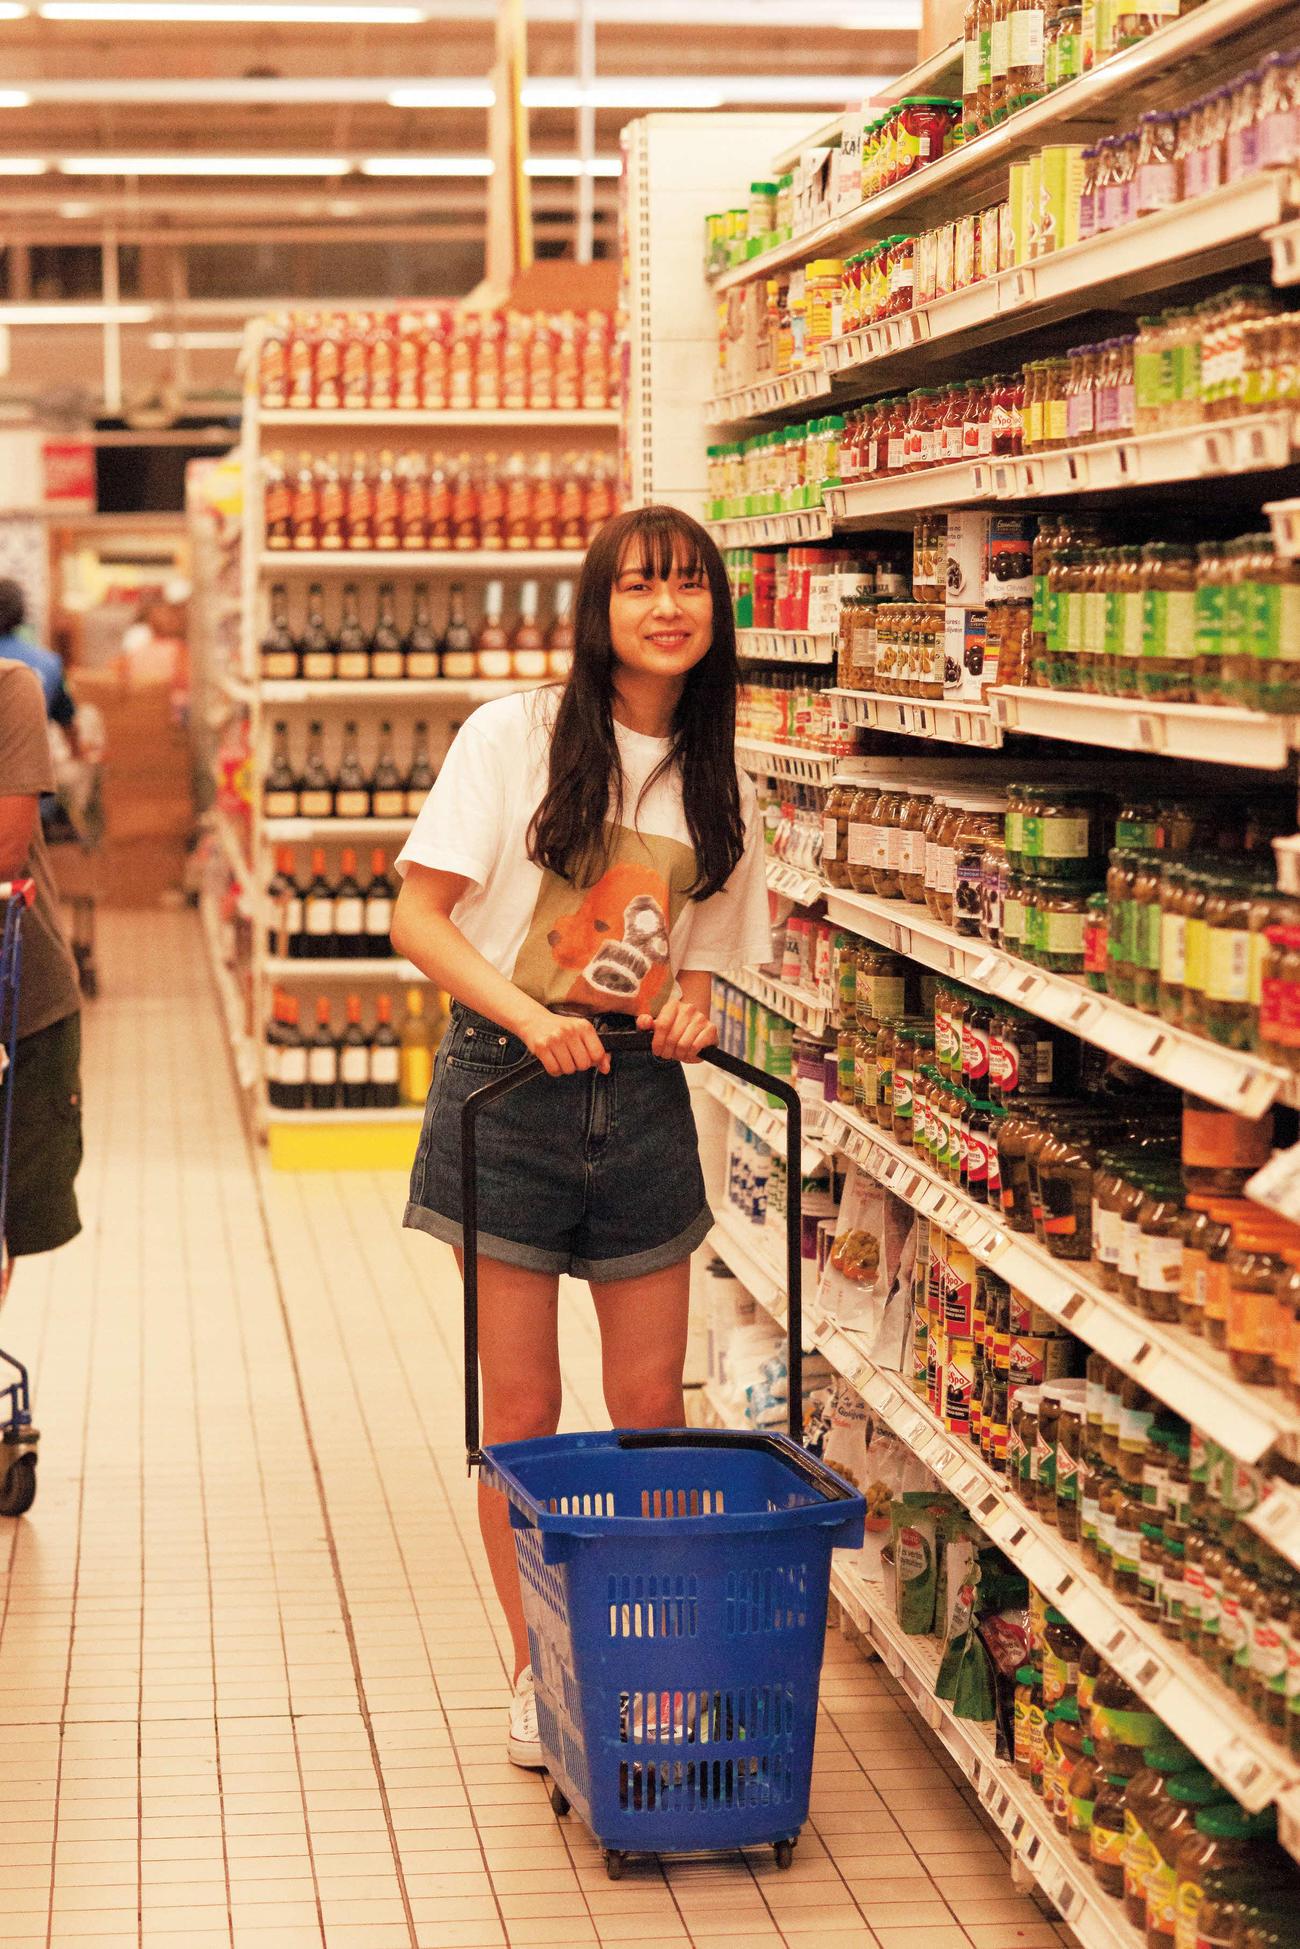 鈴木絢音ファースト写真集の先行カット。タヒチのスーパーで撮影した